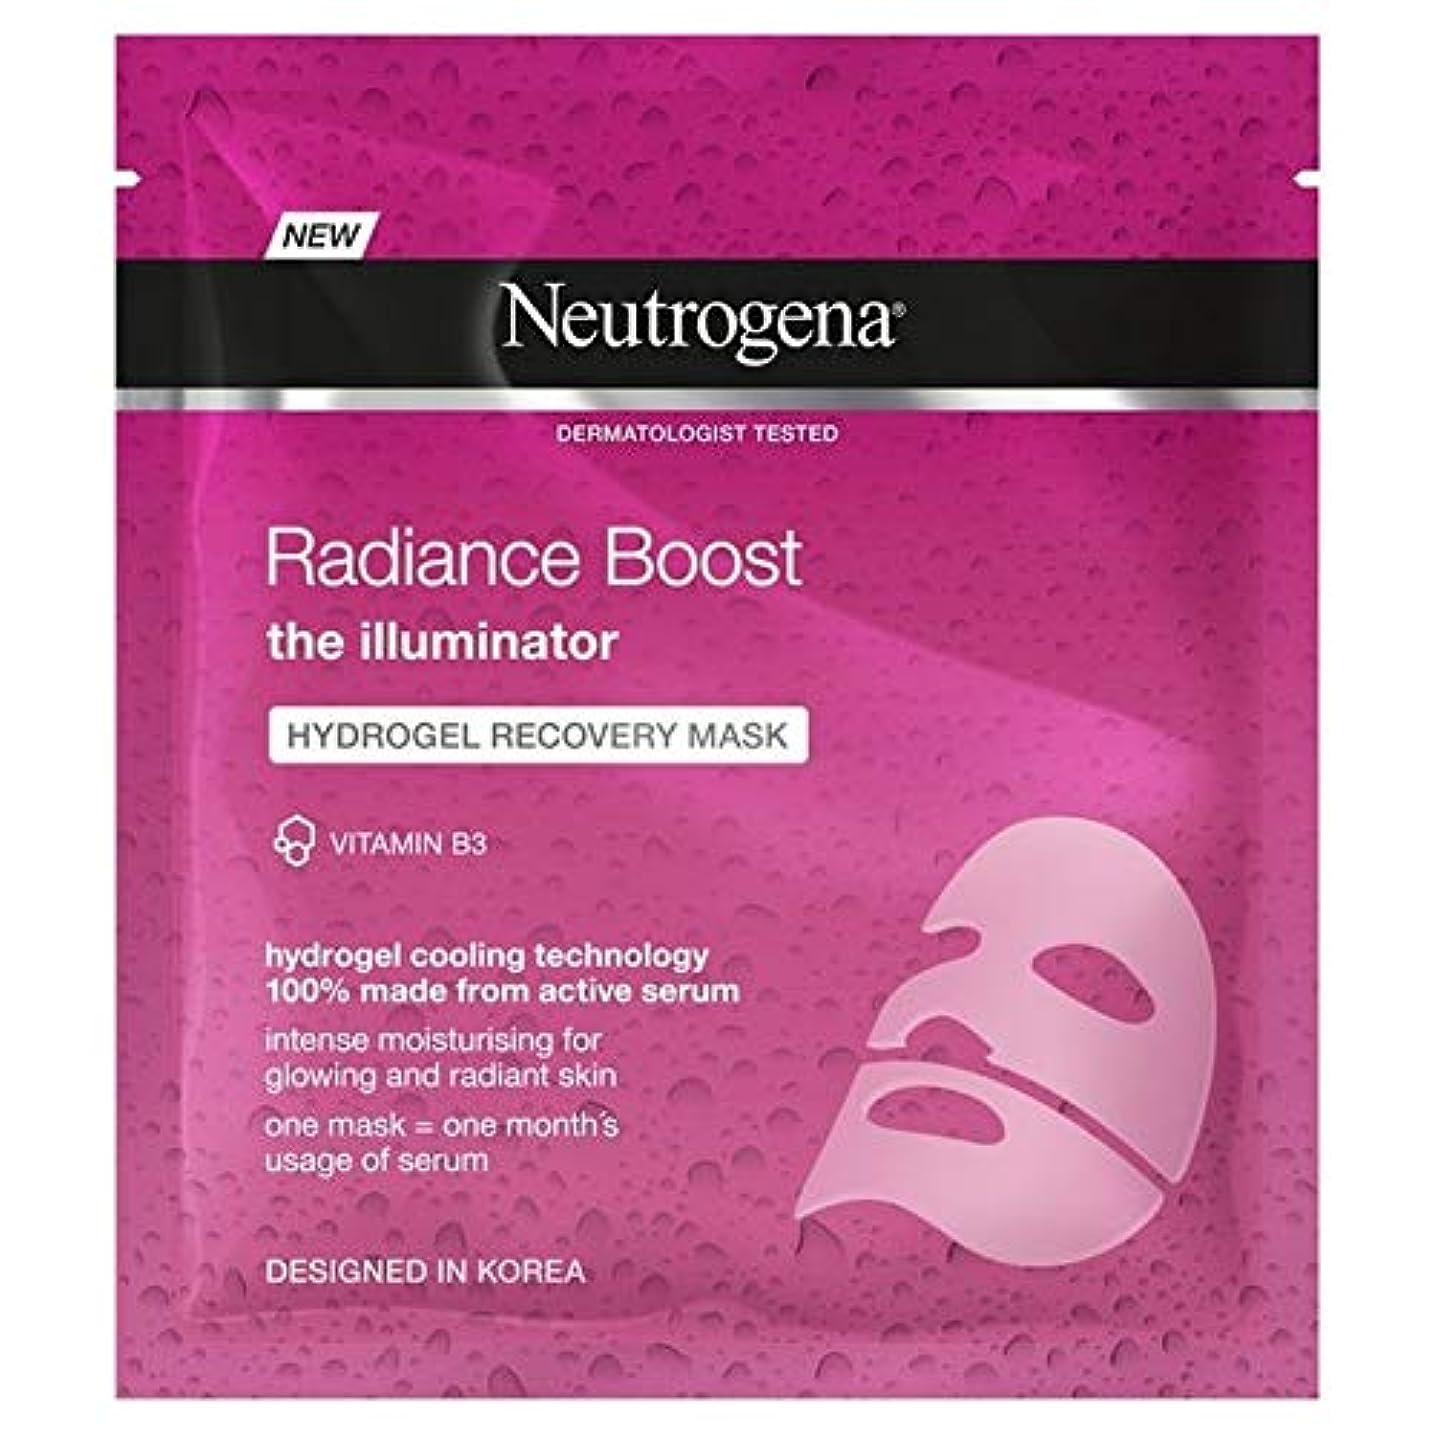 引く会計士小数[Neutrogena] ニュートロジーナ放射輝度ブーストハイドロゲルマスク30ミリリットル - Neutrogena Radiance Boost Hydrogel Mask 30ml [並行輸入品]